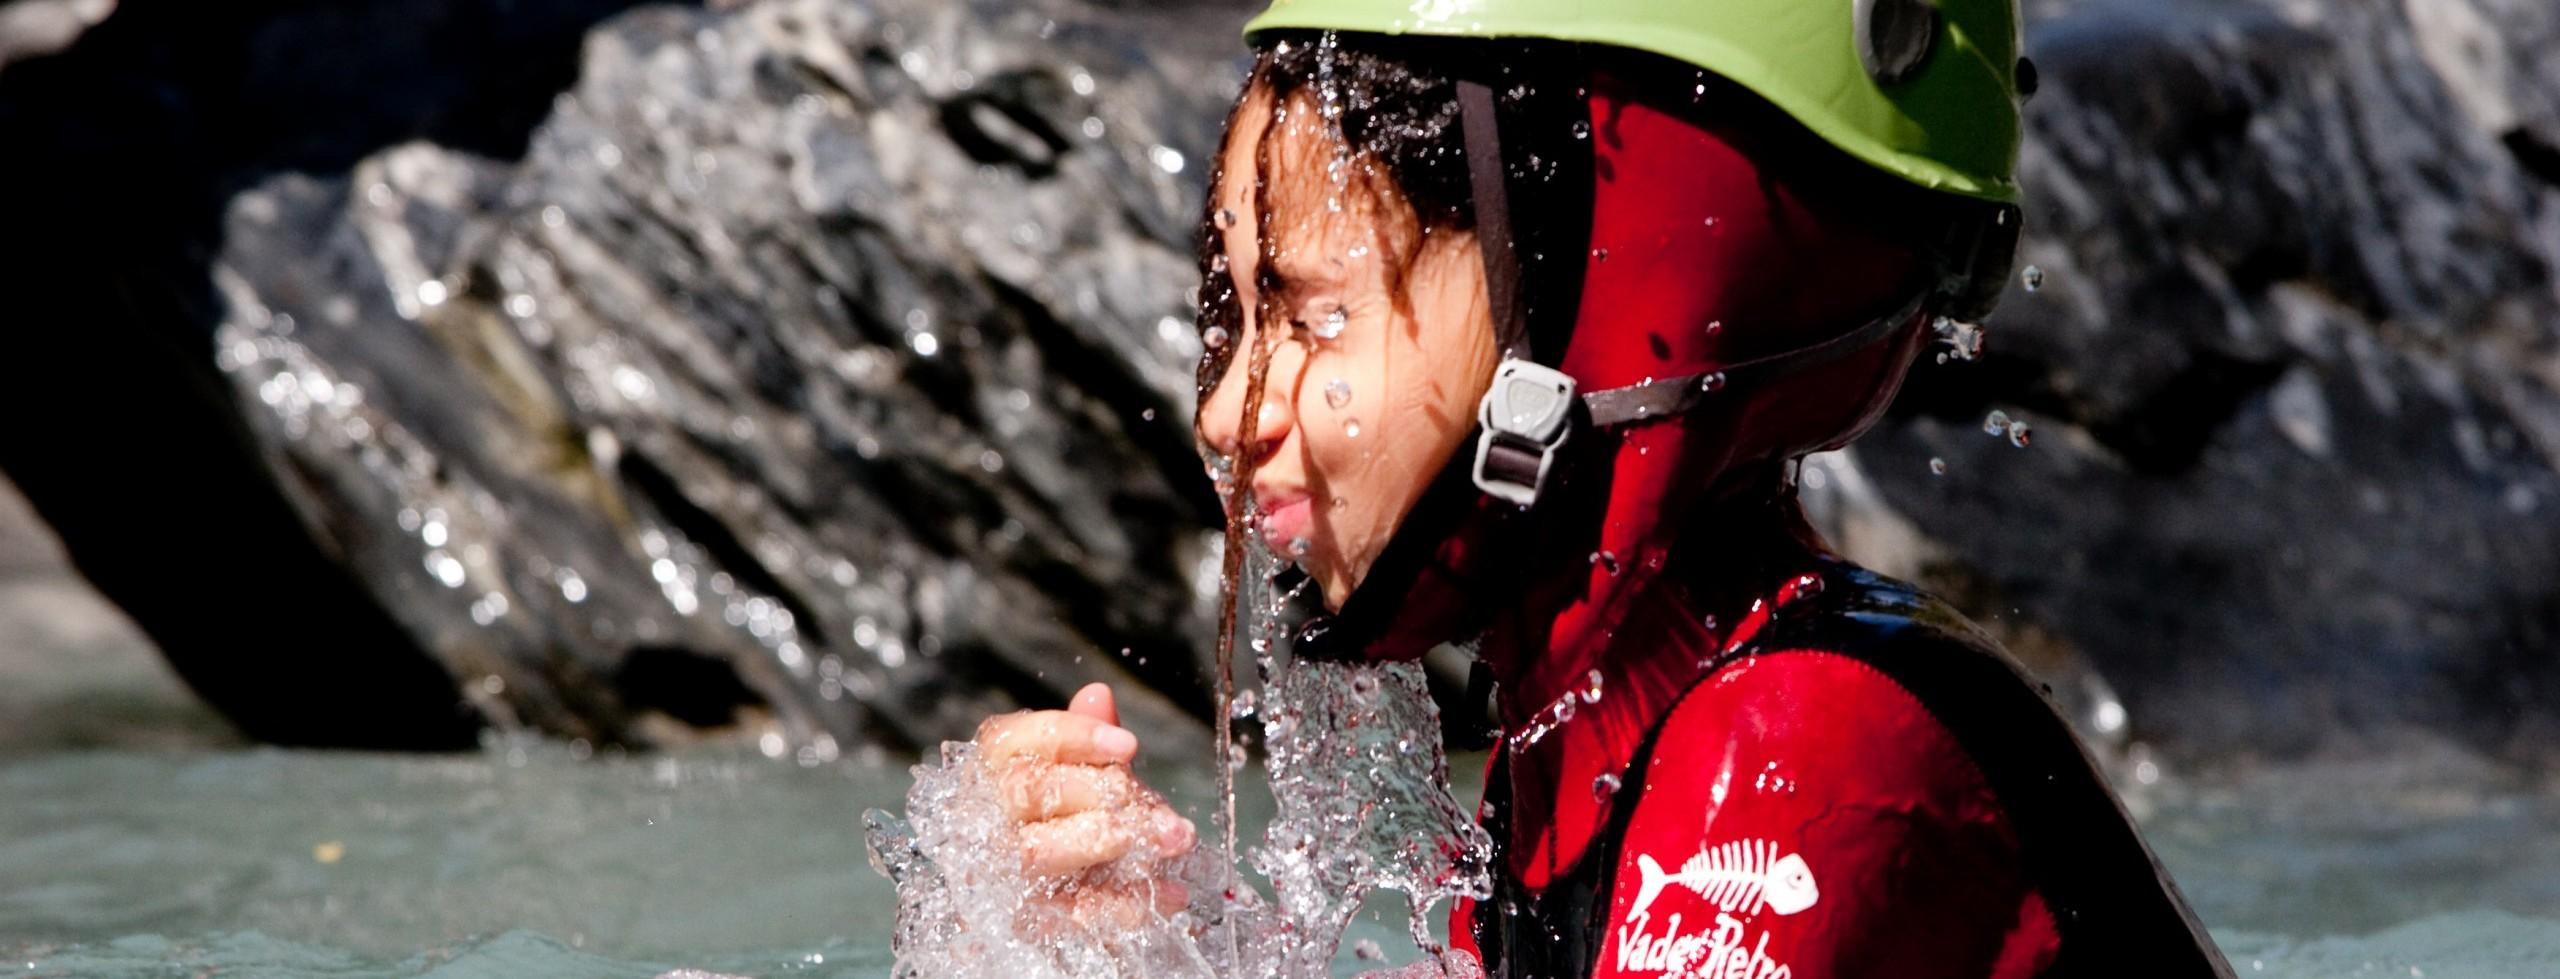 Canyoning dès 6 ans en famille. Des canyon pour tous dans les Hautes-Alpes, les Ecrins et Serre Ponçon